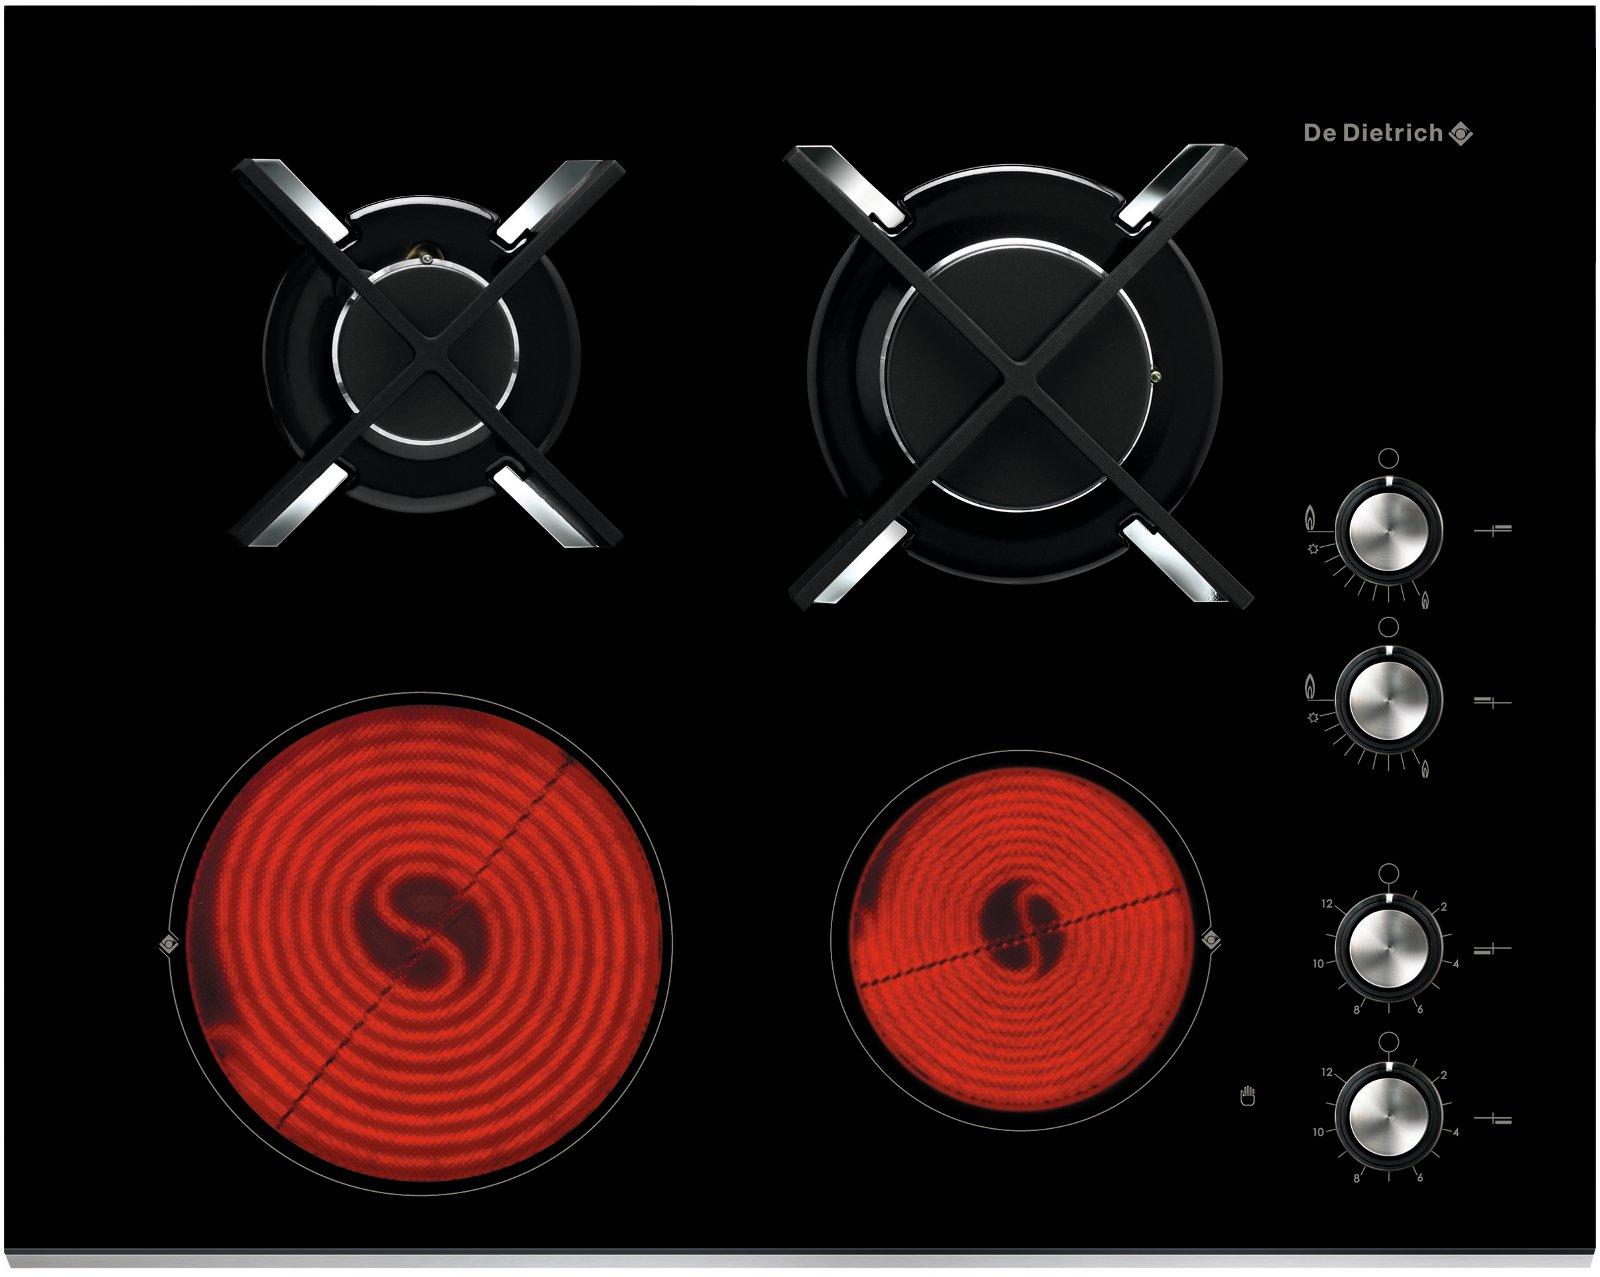 Comparatif Plaque Mixte Induction Gaz de dietrich dtg 1115 x